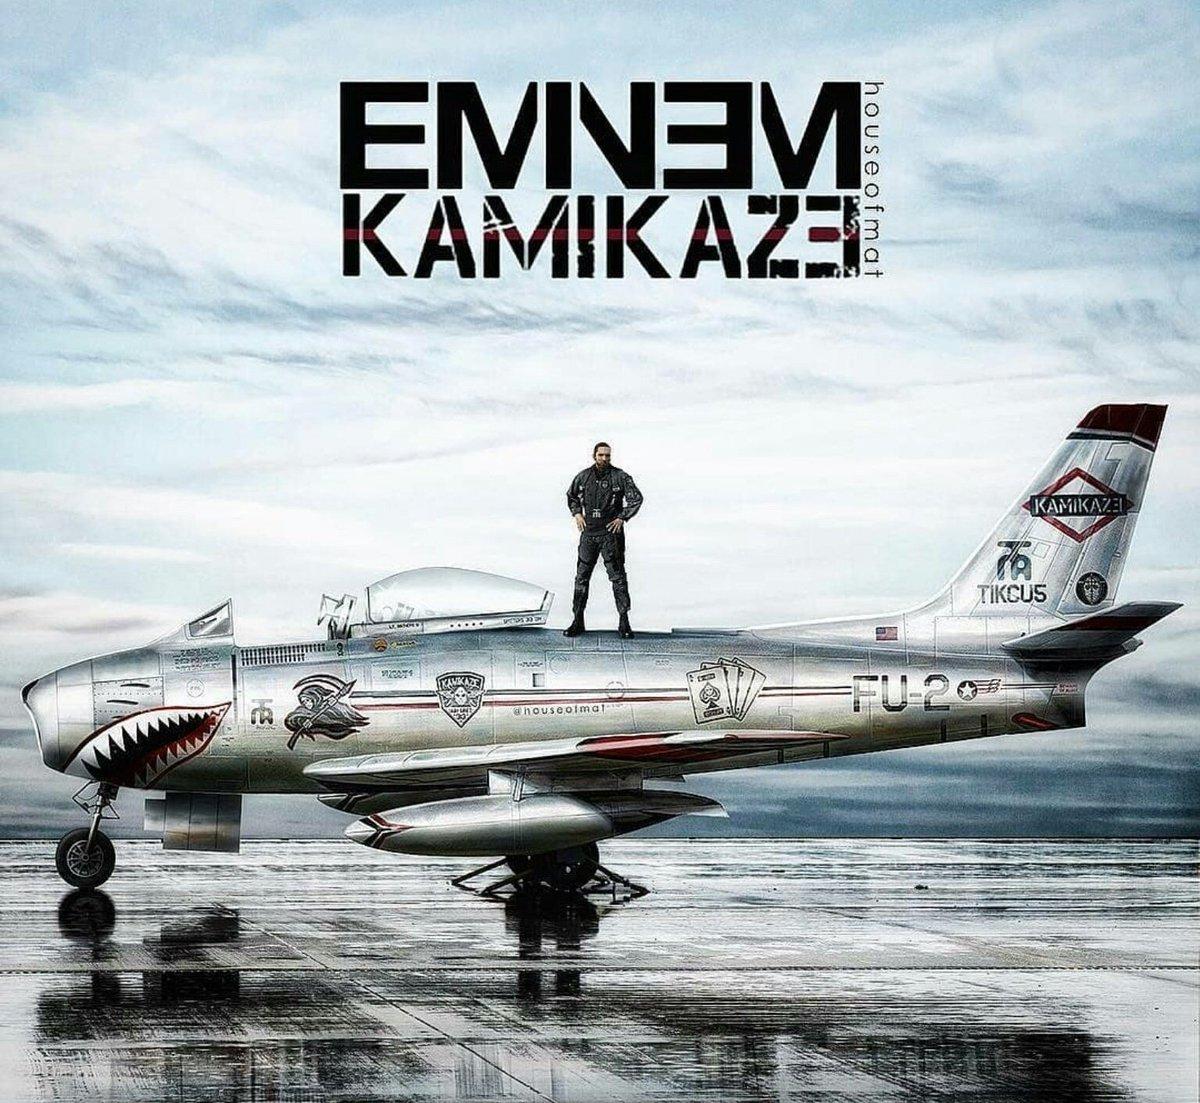 Eminem Charts on Twitter: